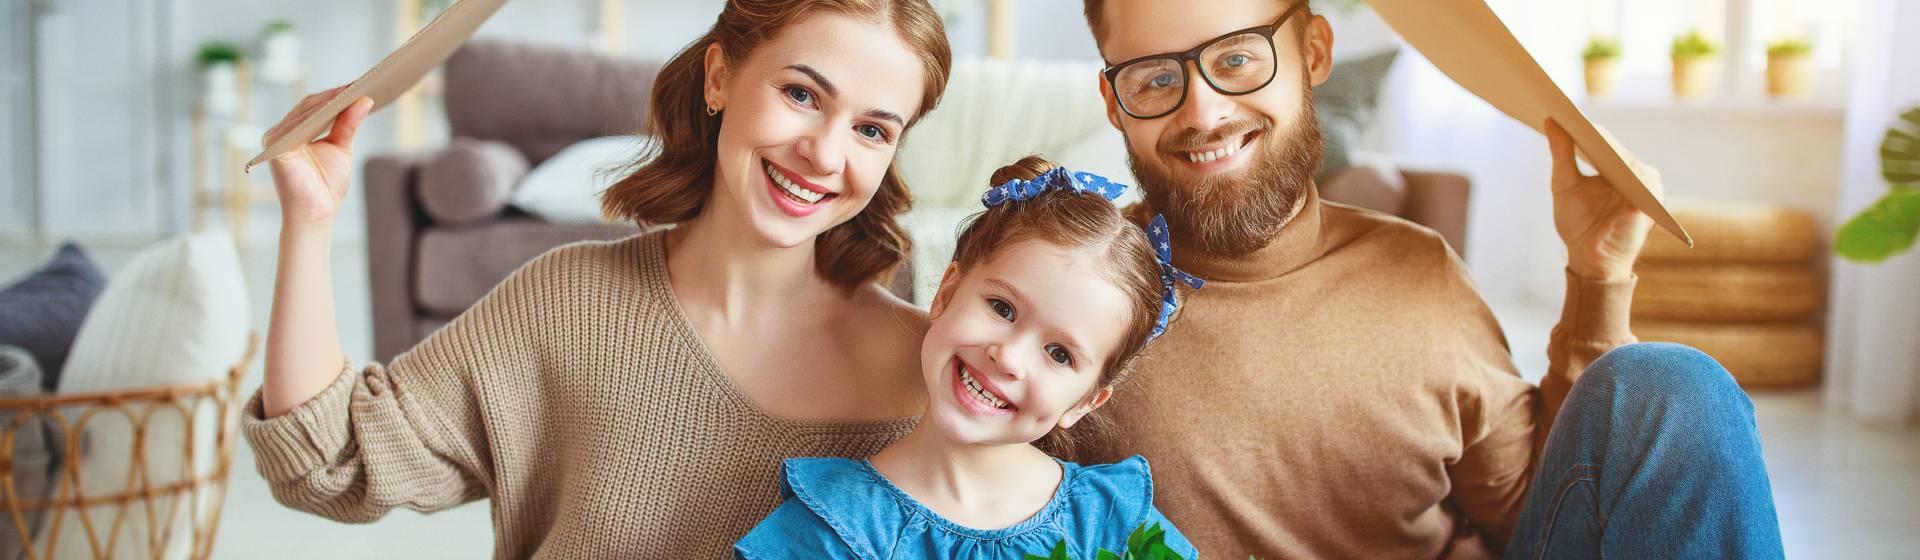 Assurance appartement étudiant : que faut-il savoir ?